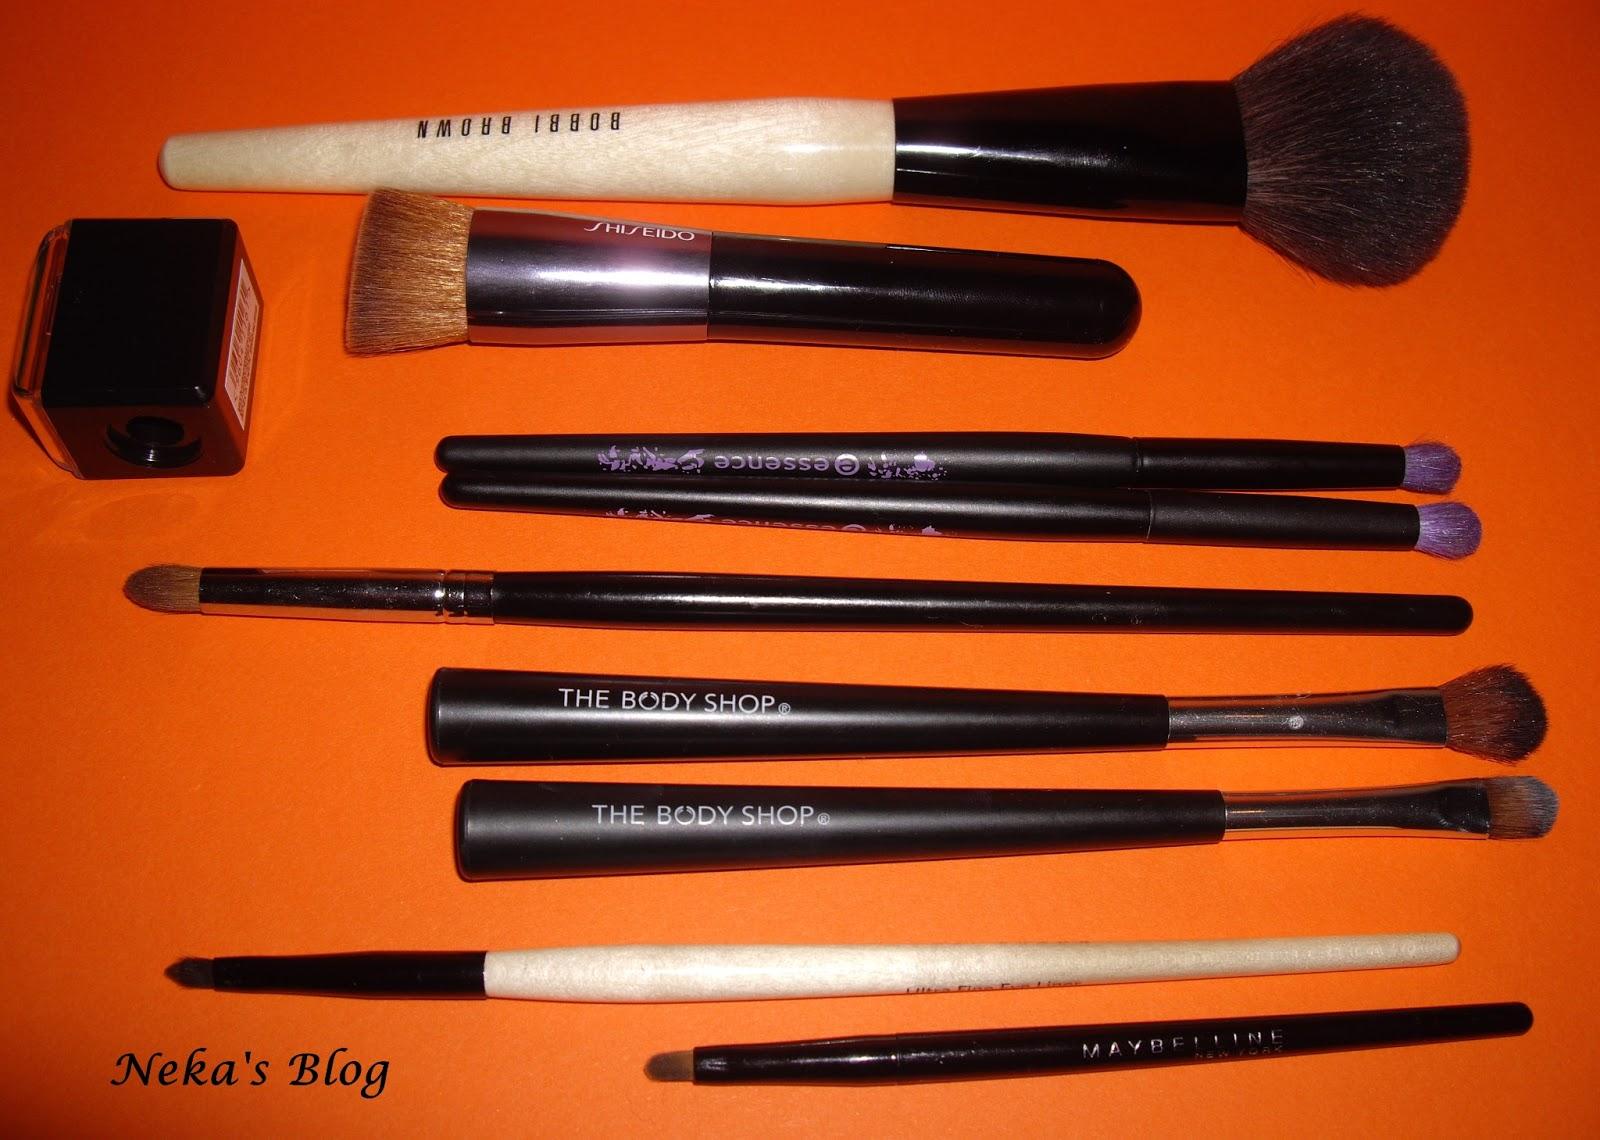 Neka 39 s blog leben dekorative kosmetik ausmisten for Leben ausmisten